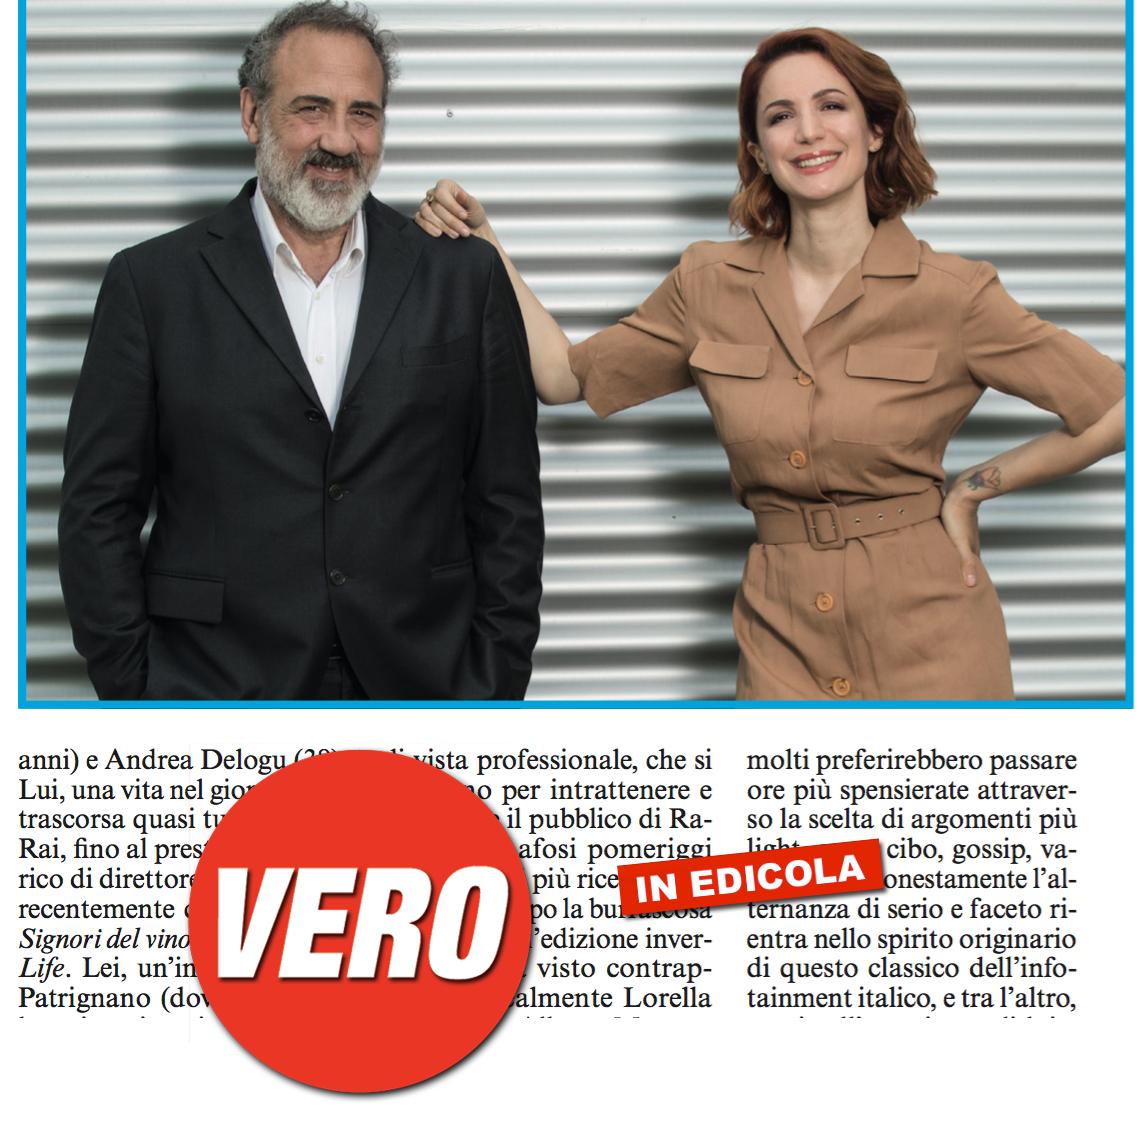 #Teleracconto di #ClaudioGuerrini con #AndreaDelogu e #MarcelloMasi, la strana coppia 📺😍 - #televisione #televisioneitaliana #tv #anteprima #magazine